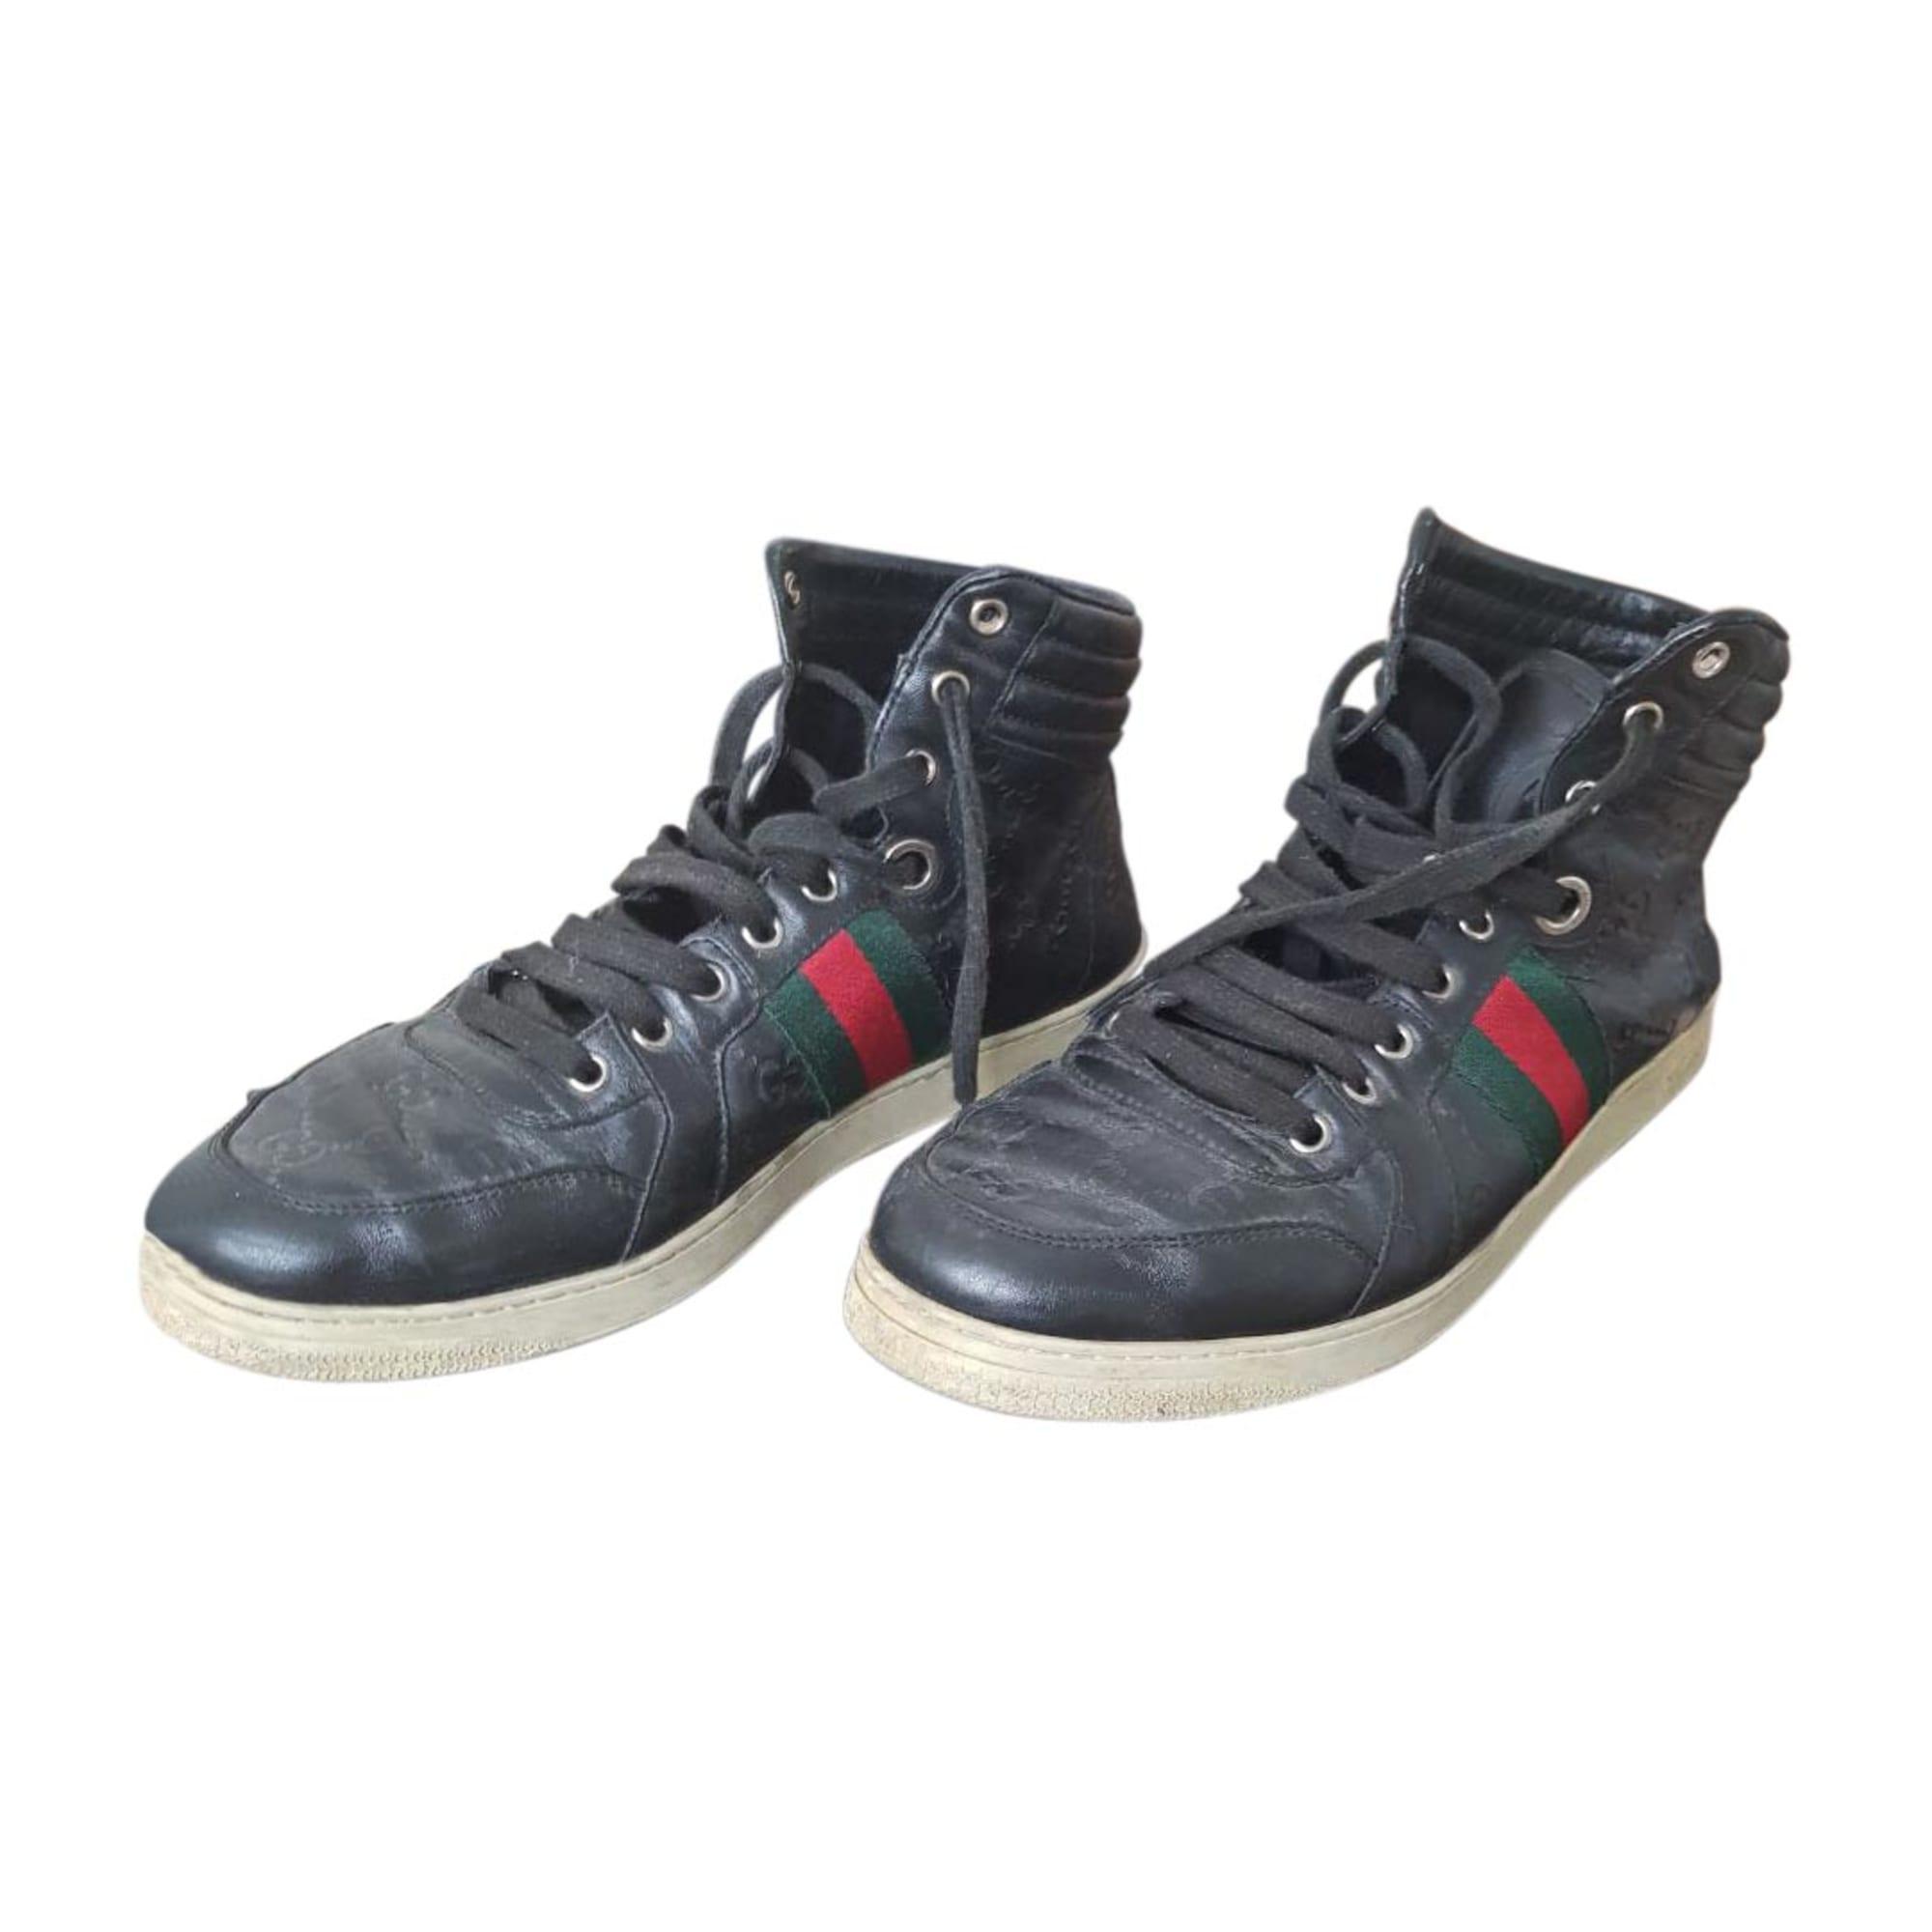 e2622cf8606f Chaussures à lacets GUCCI 42 noir - 8363212